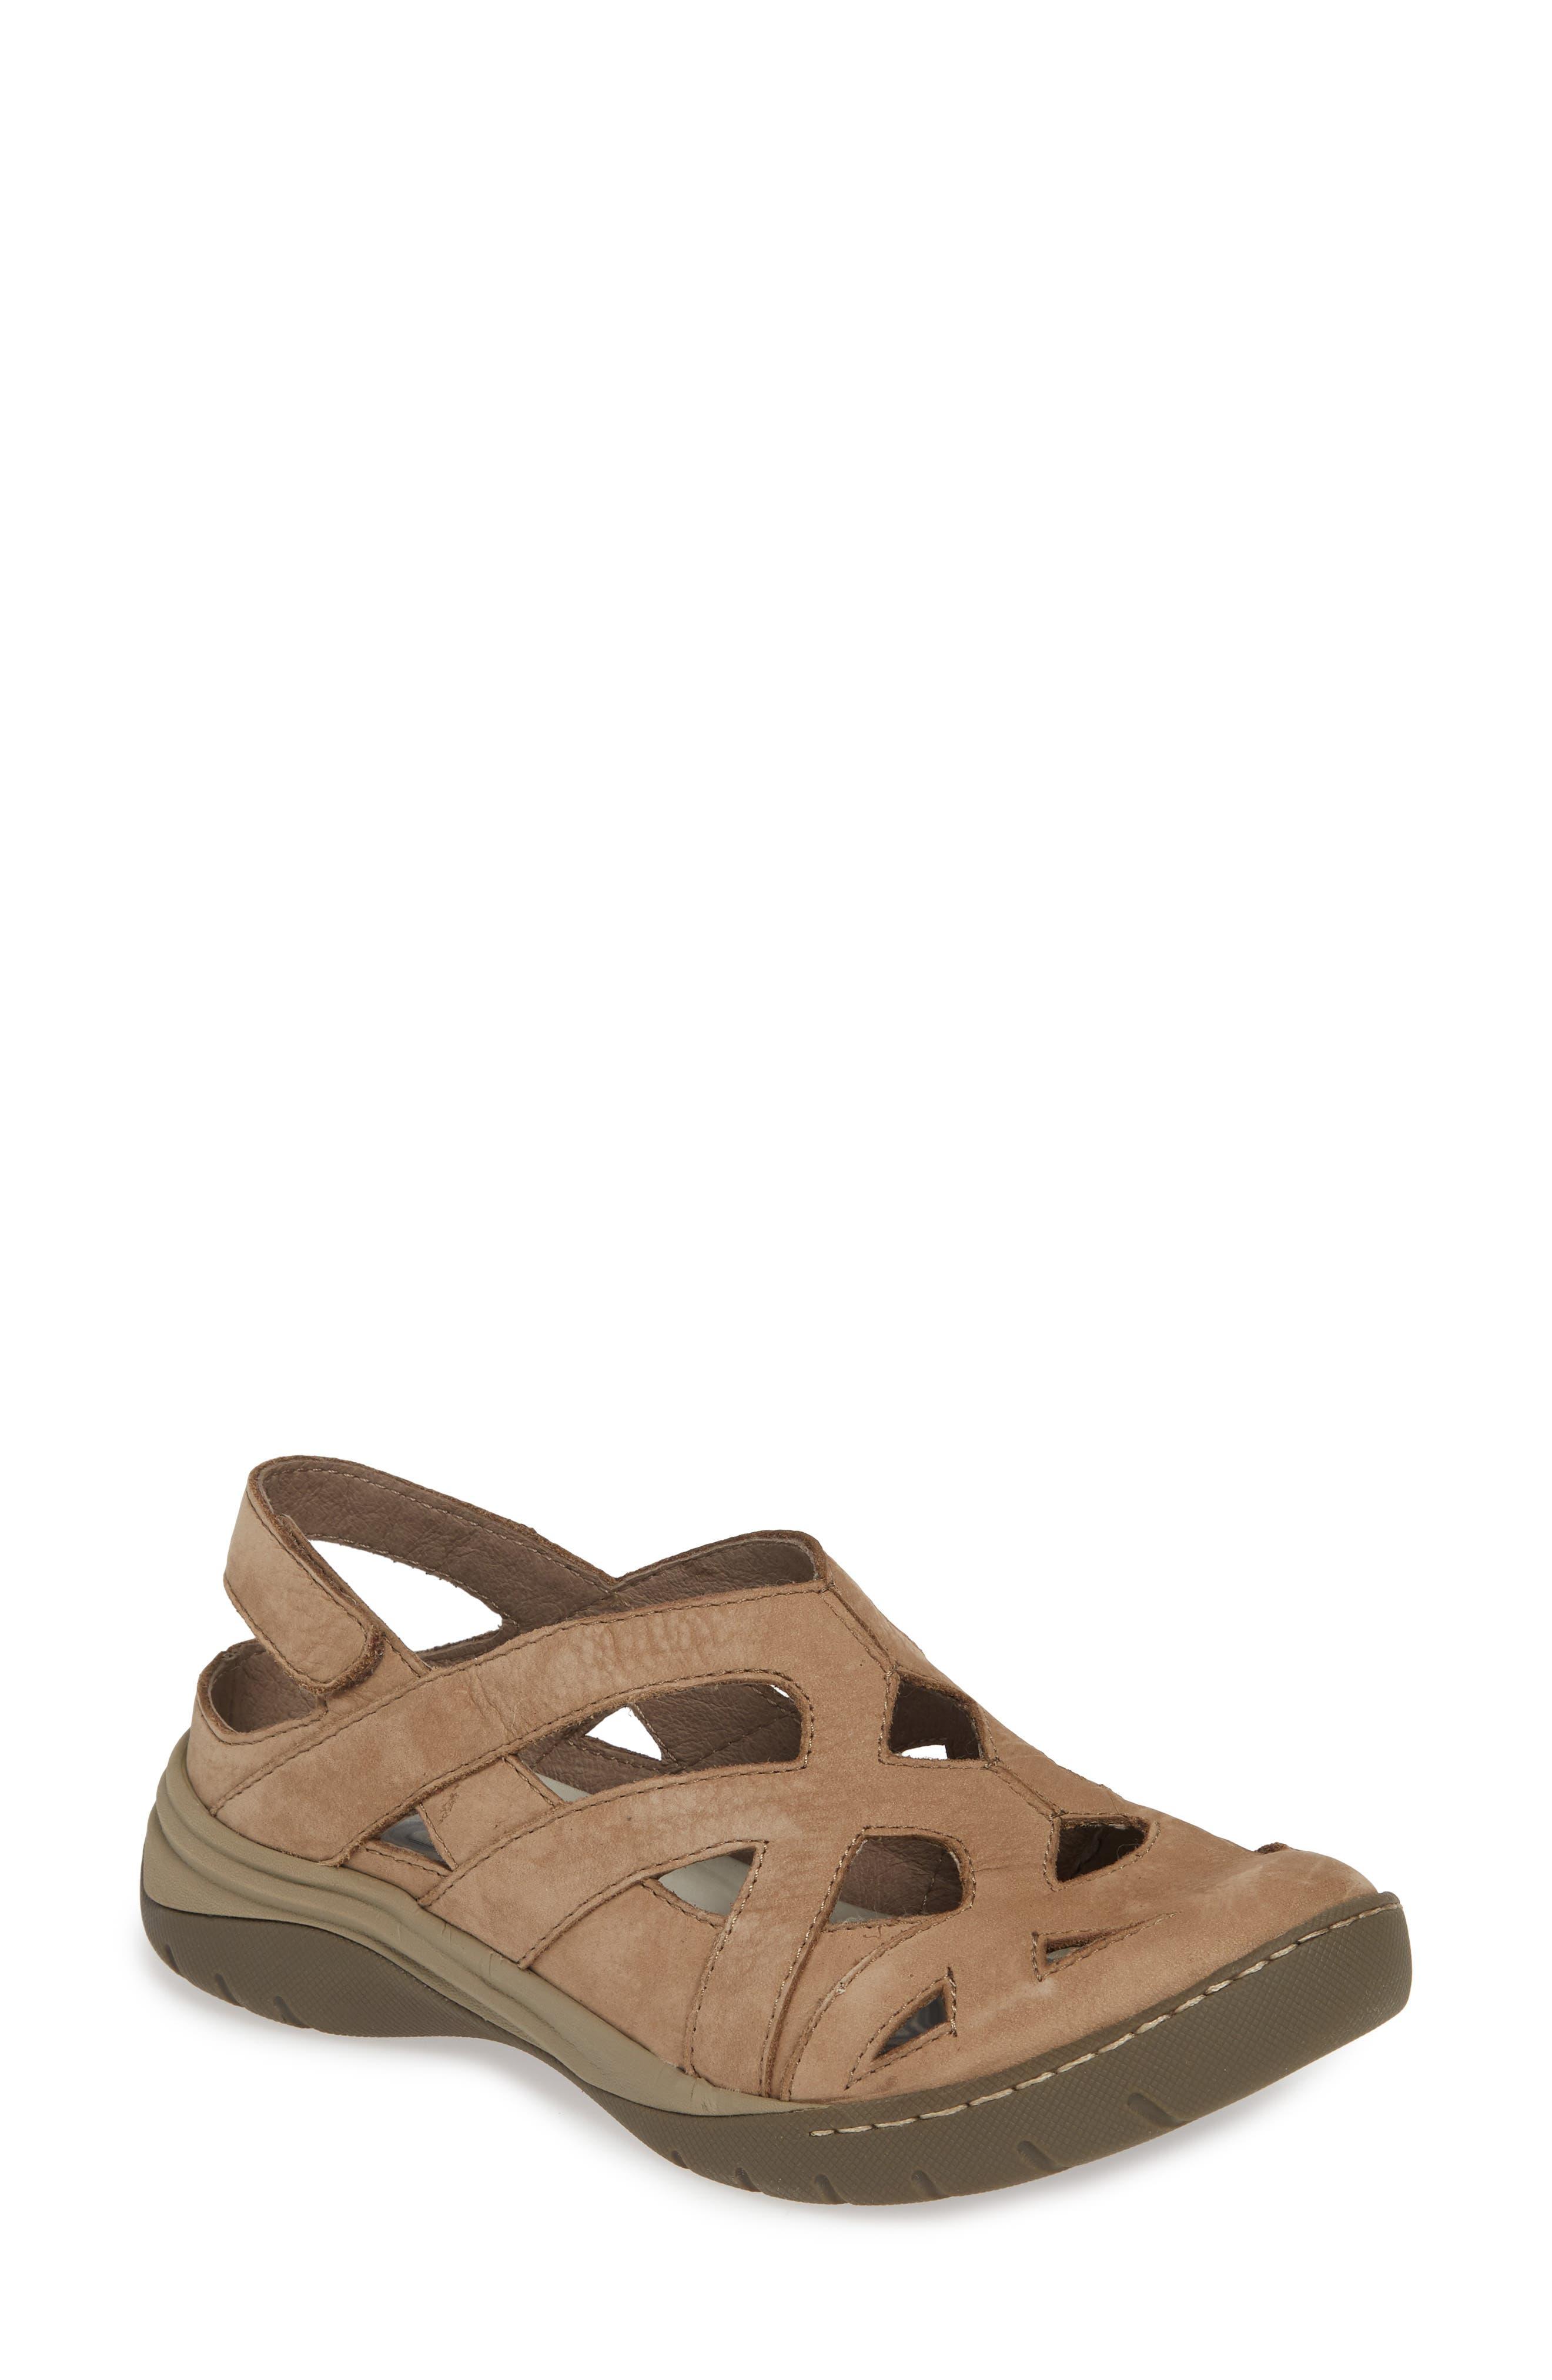 Women's Bionica Maclean 2 Sandal, Size 8.5 M - Beige